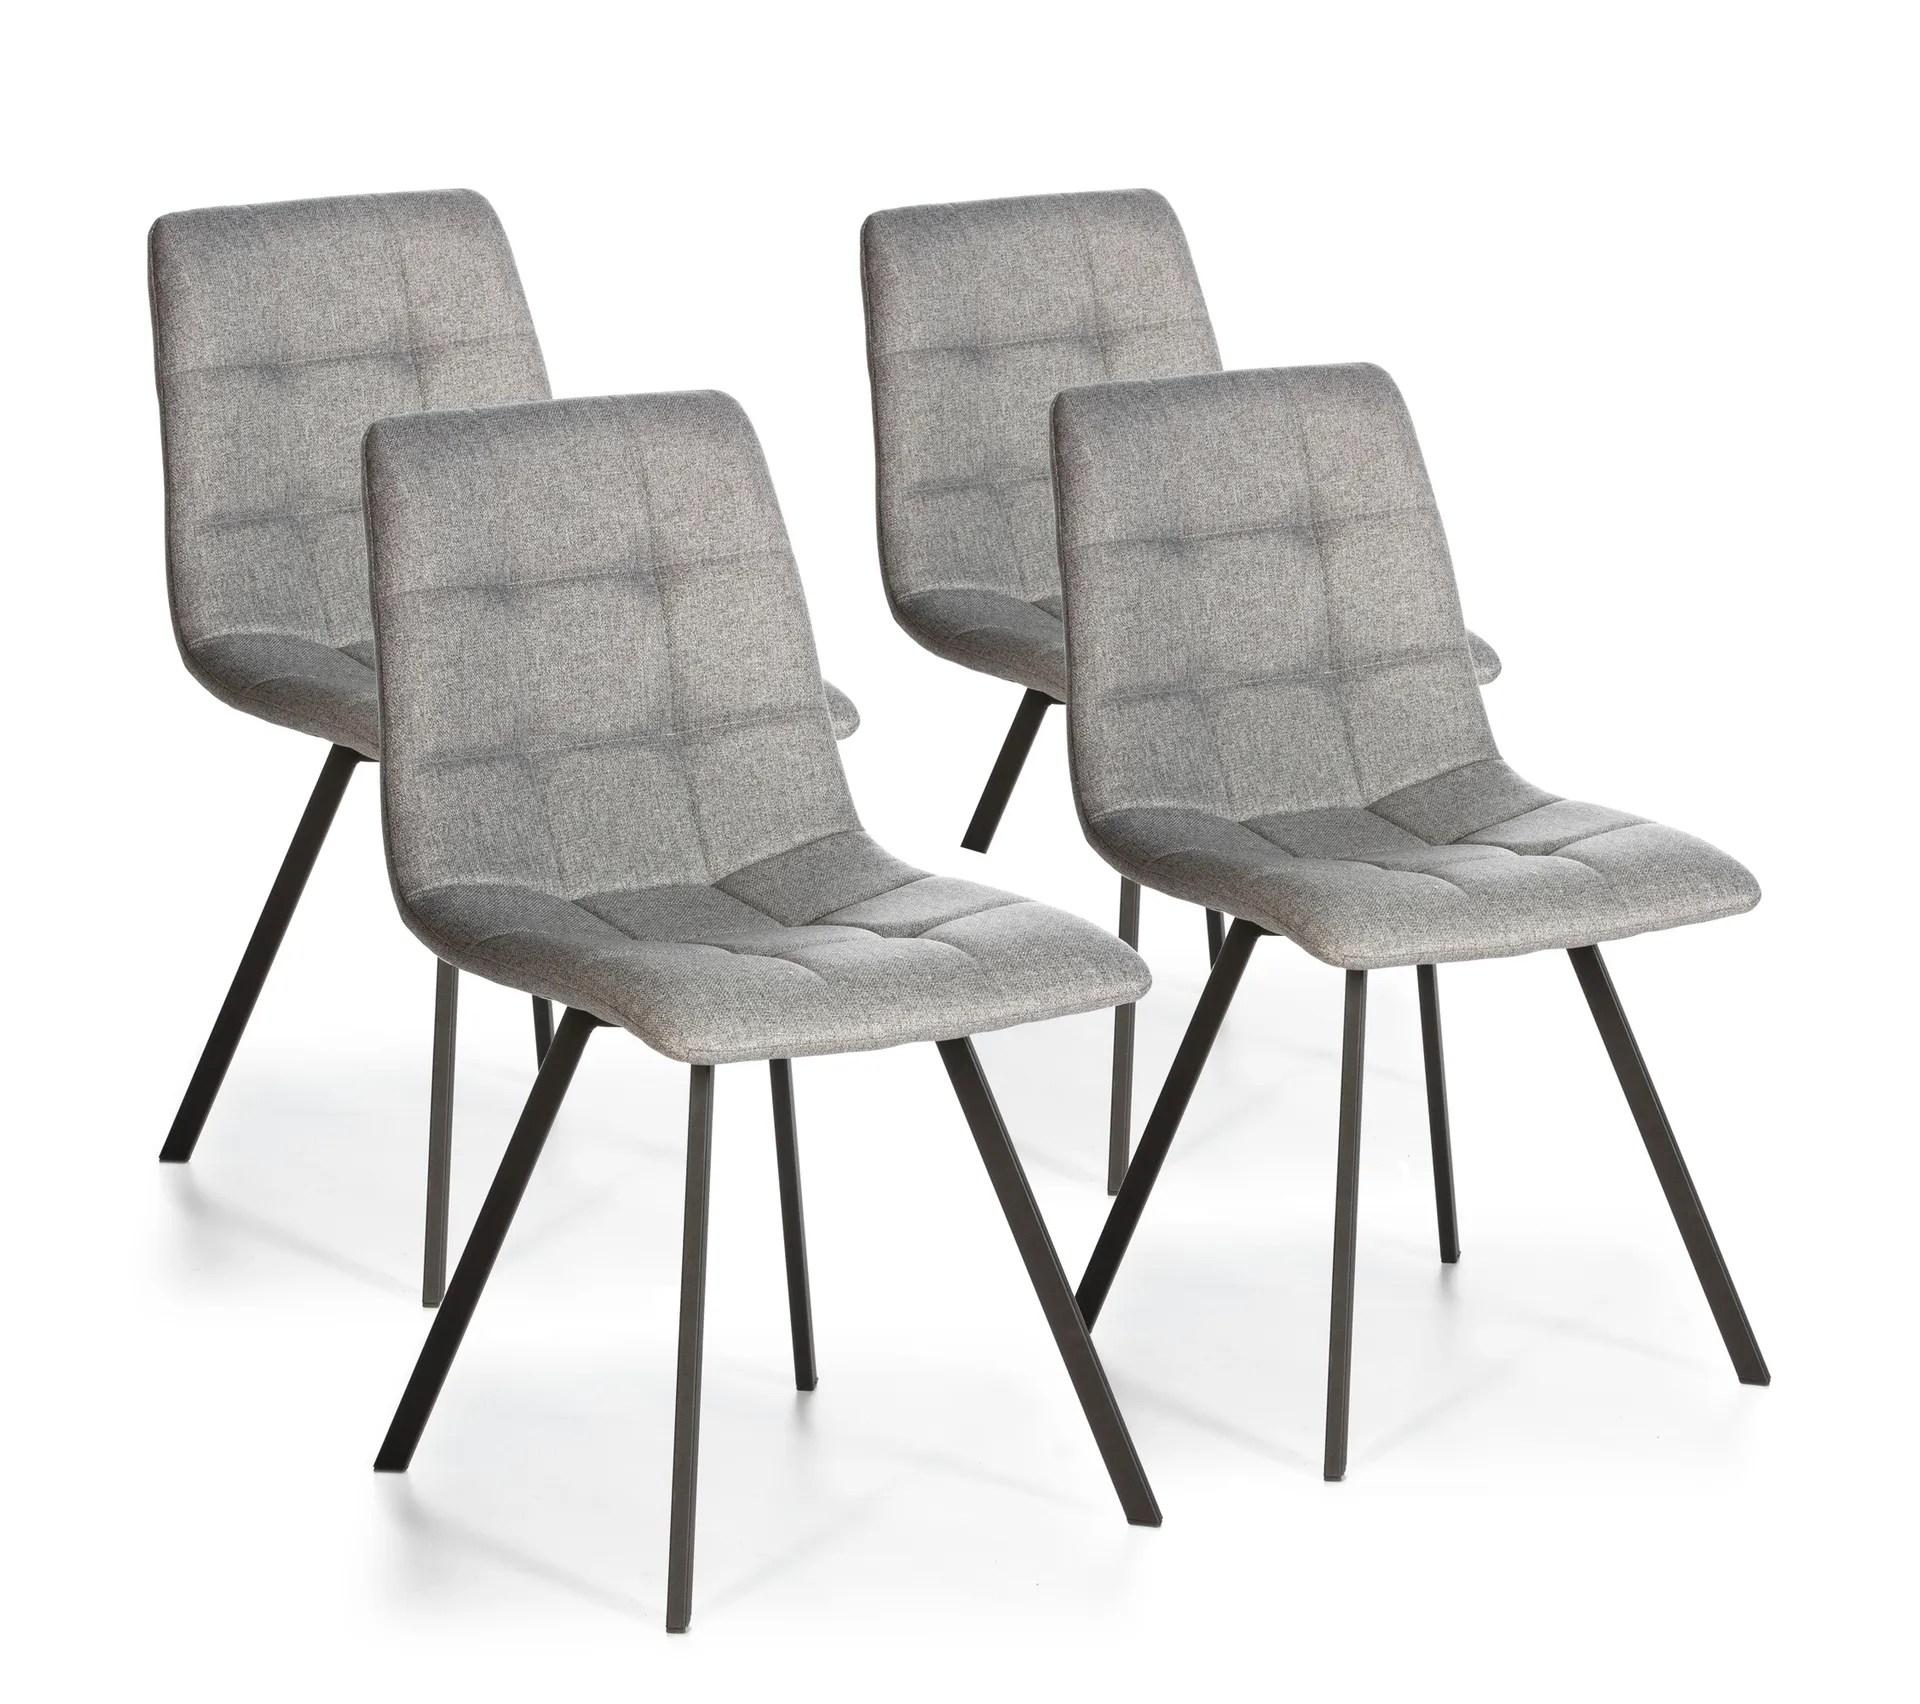 set de 4 chaises salle a manger mila tapissees grises claires